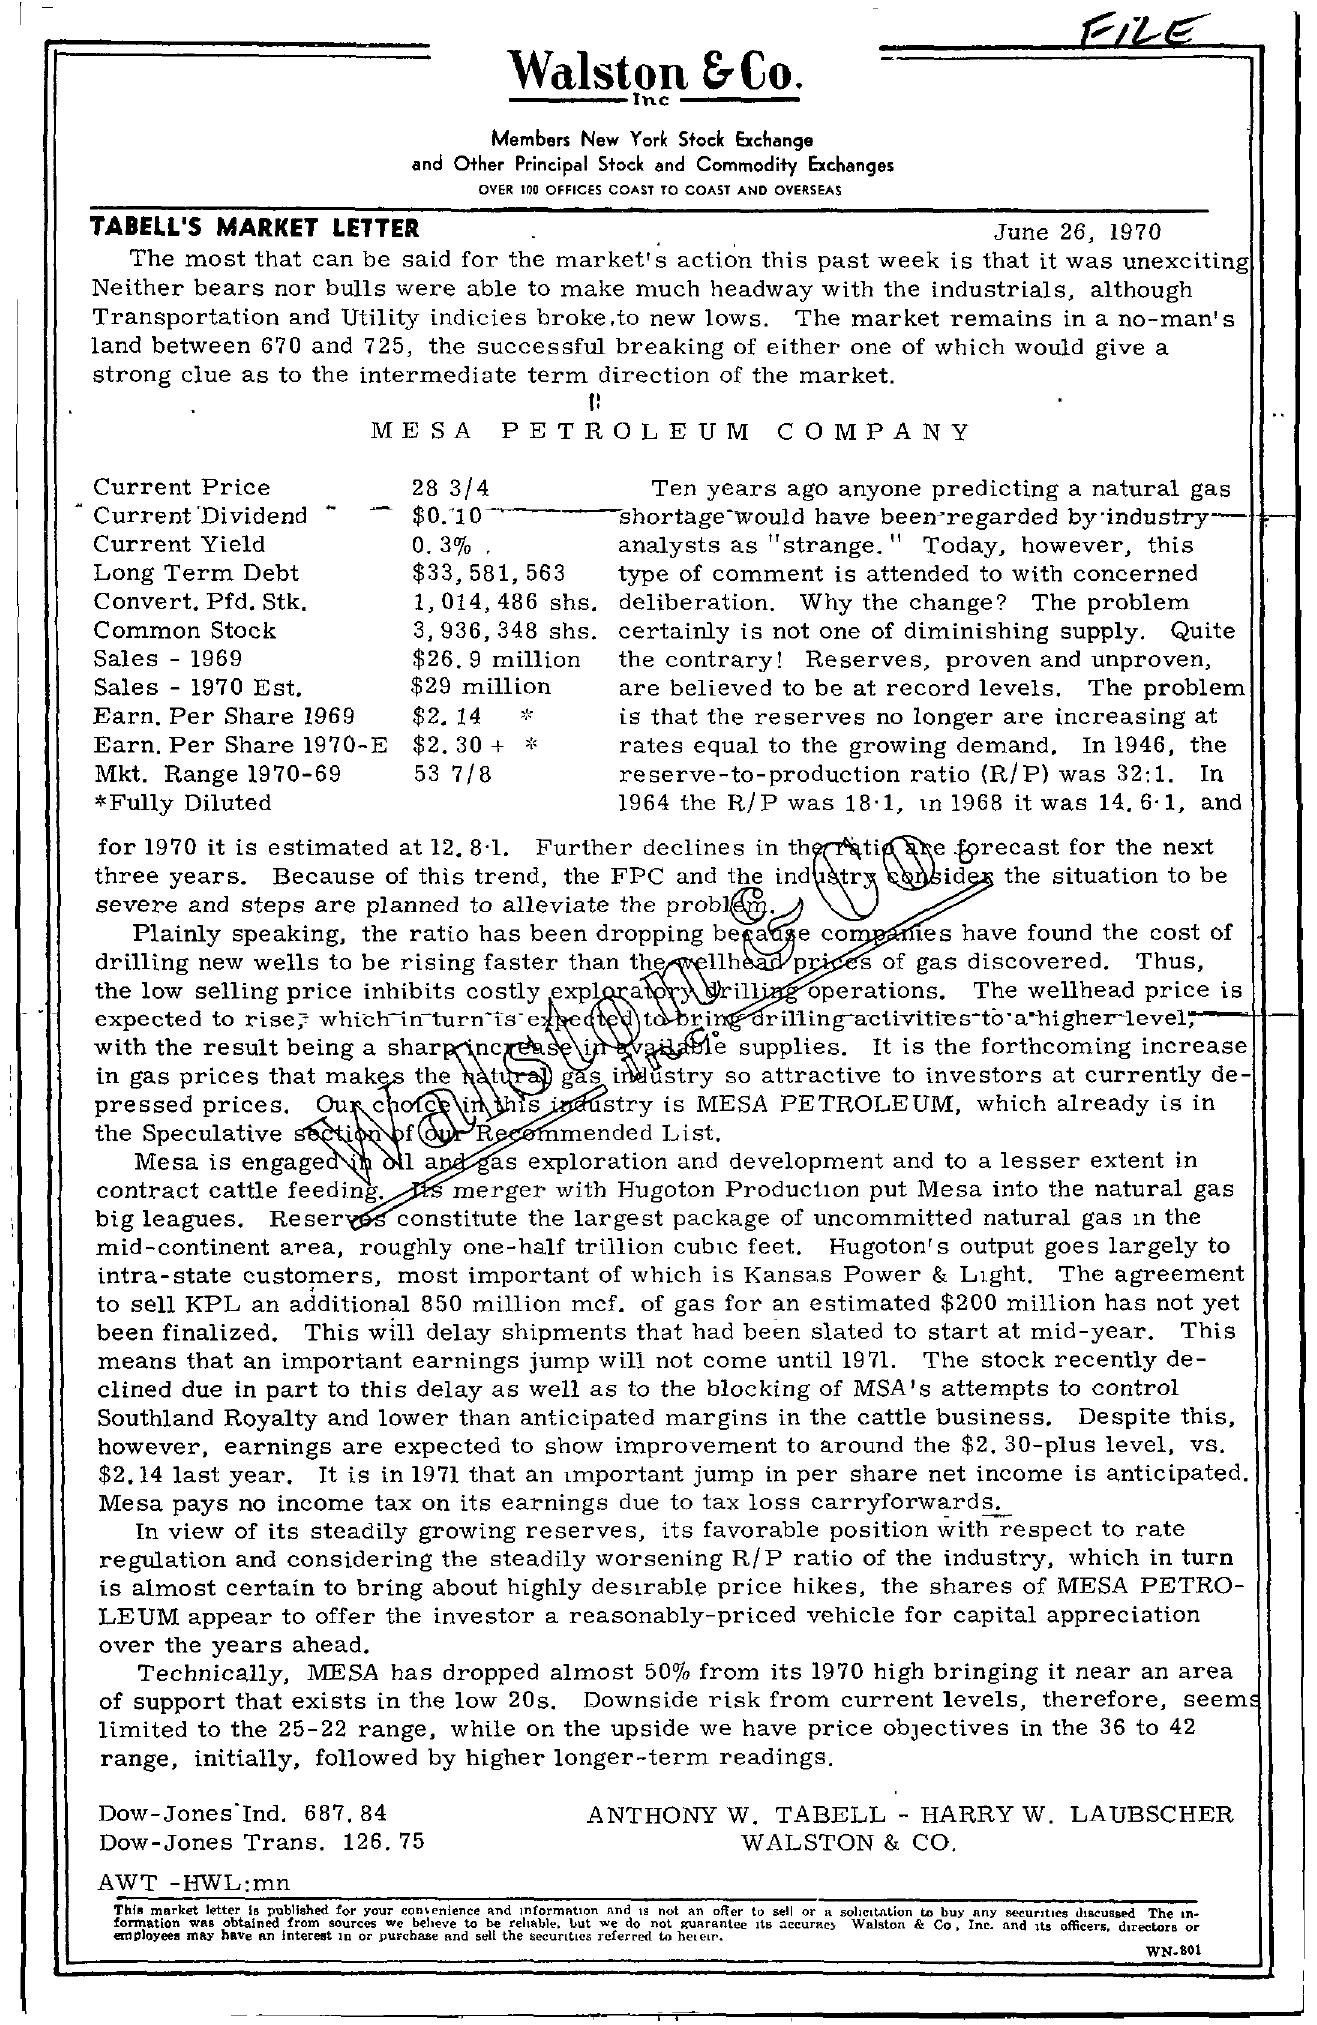 Tabell's Market Letter - June 26, 1970